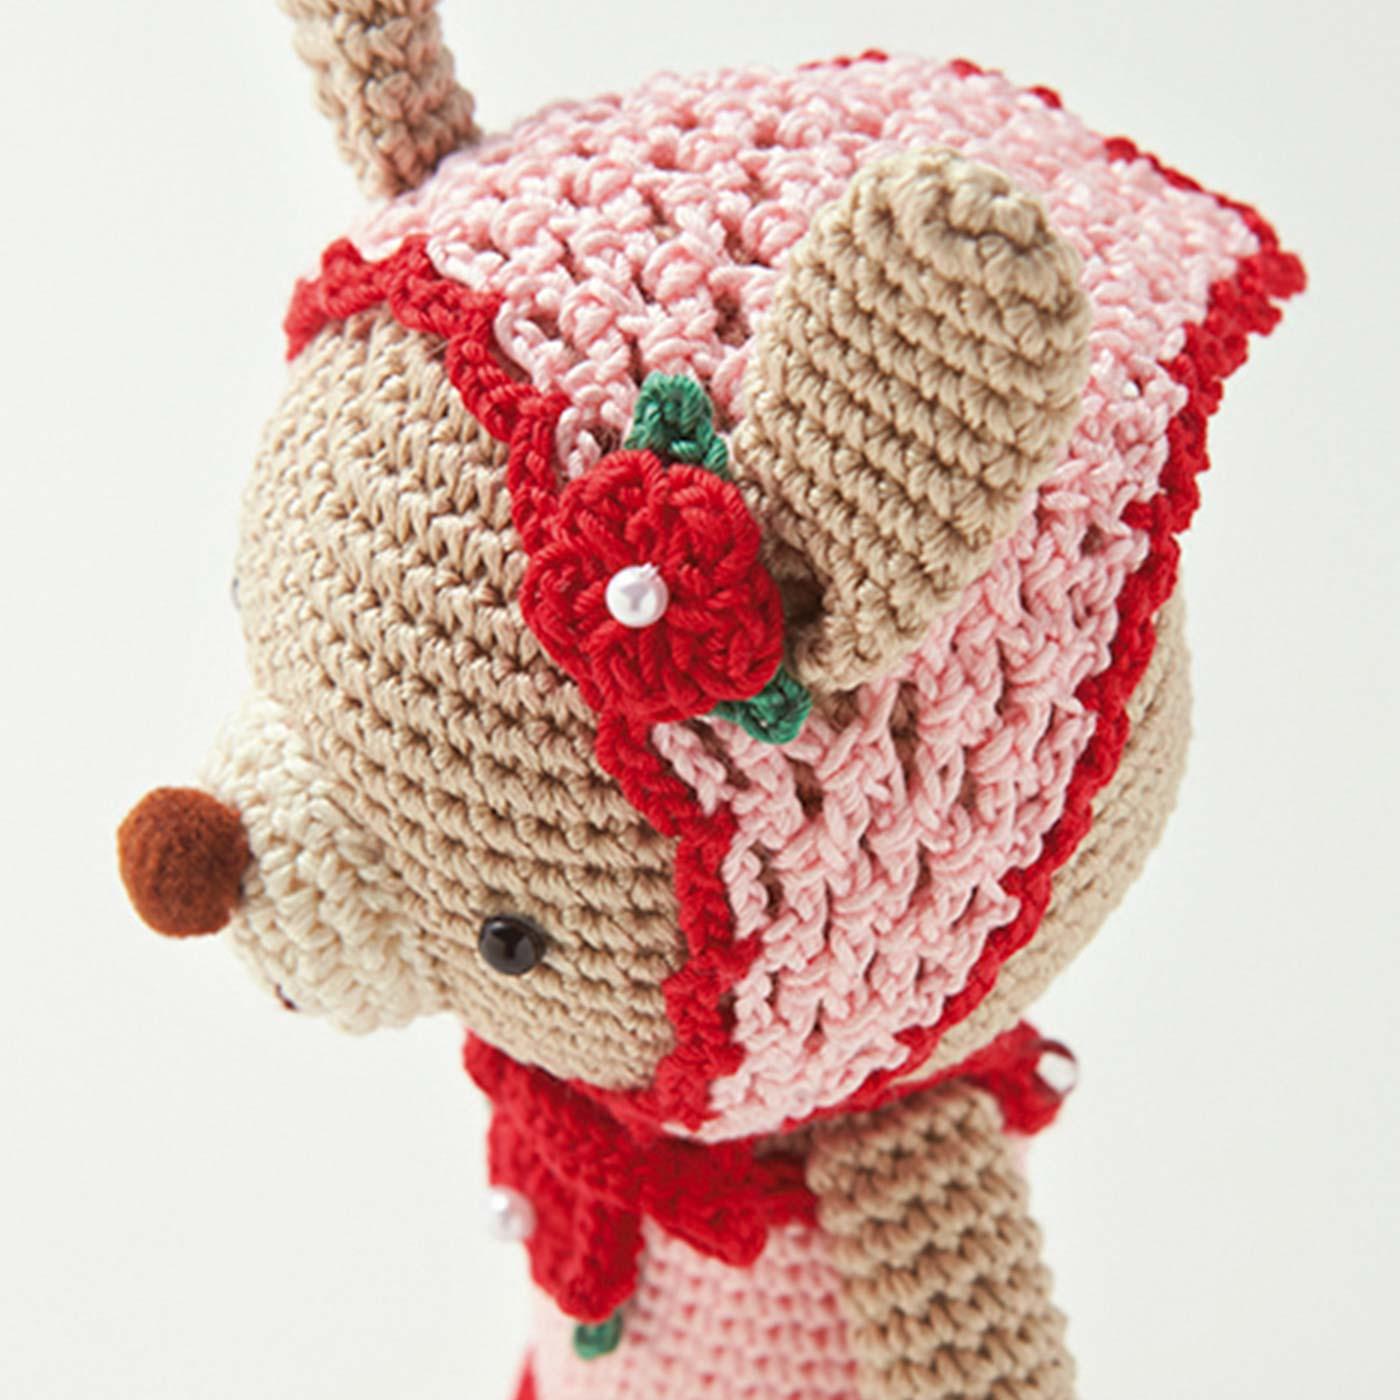 バブーシュカは耳を通す穴もあり、赤いお花とリボンもキュート。